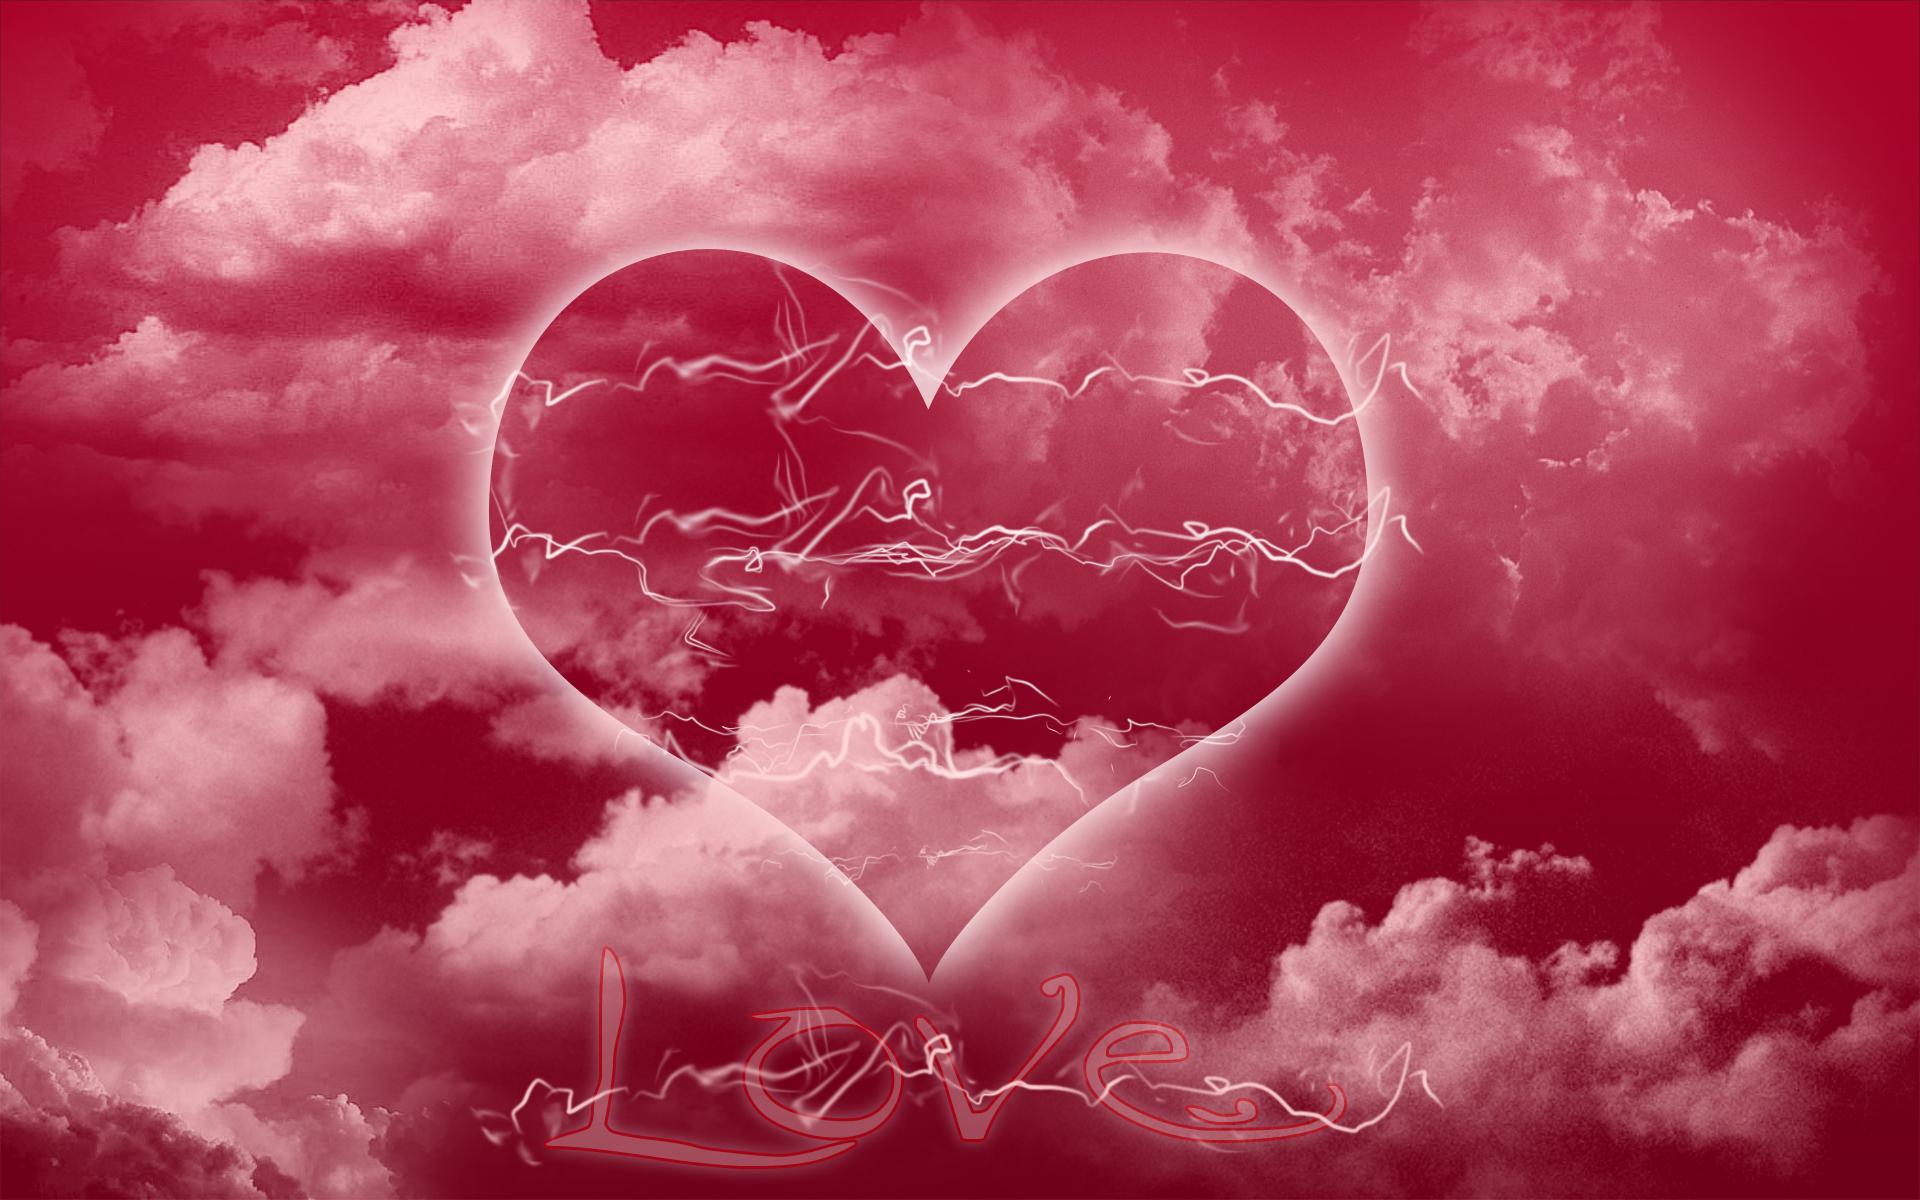 Hình nền mây trái tim đẹp